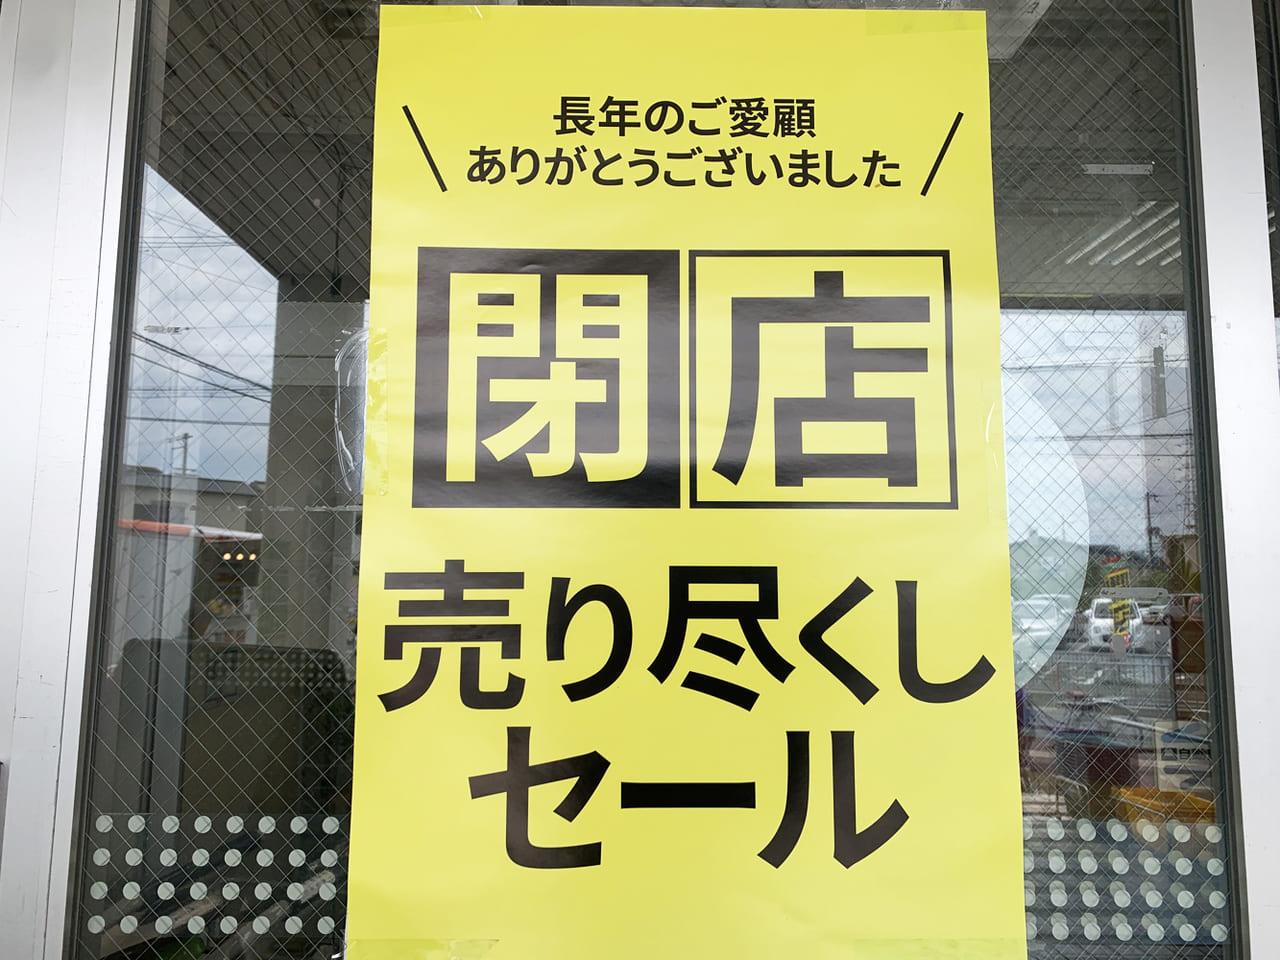 イズミヤ_閉店セールのお知らせ